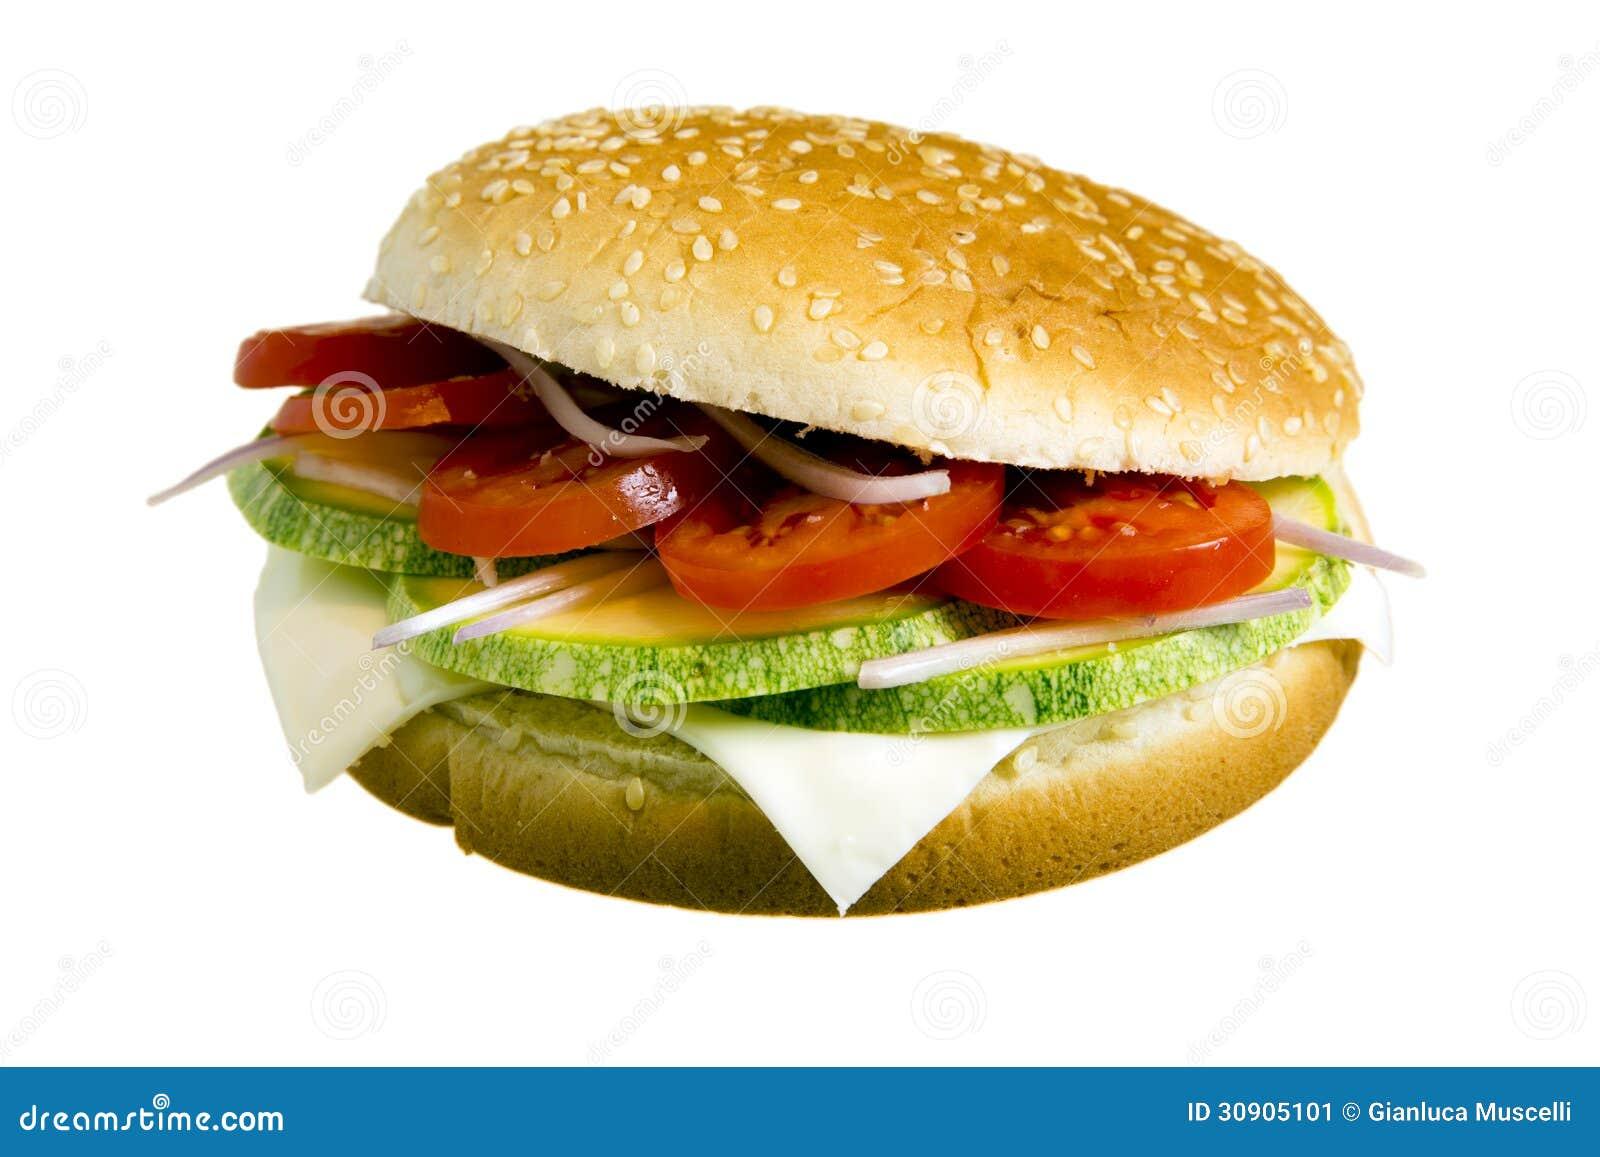 Veggie burger stock image. Image of background, white ...